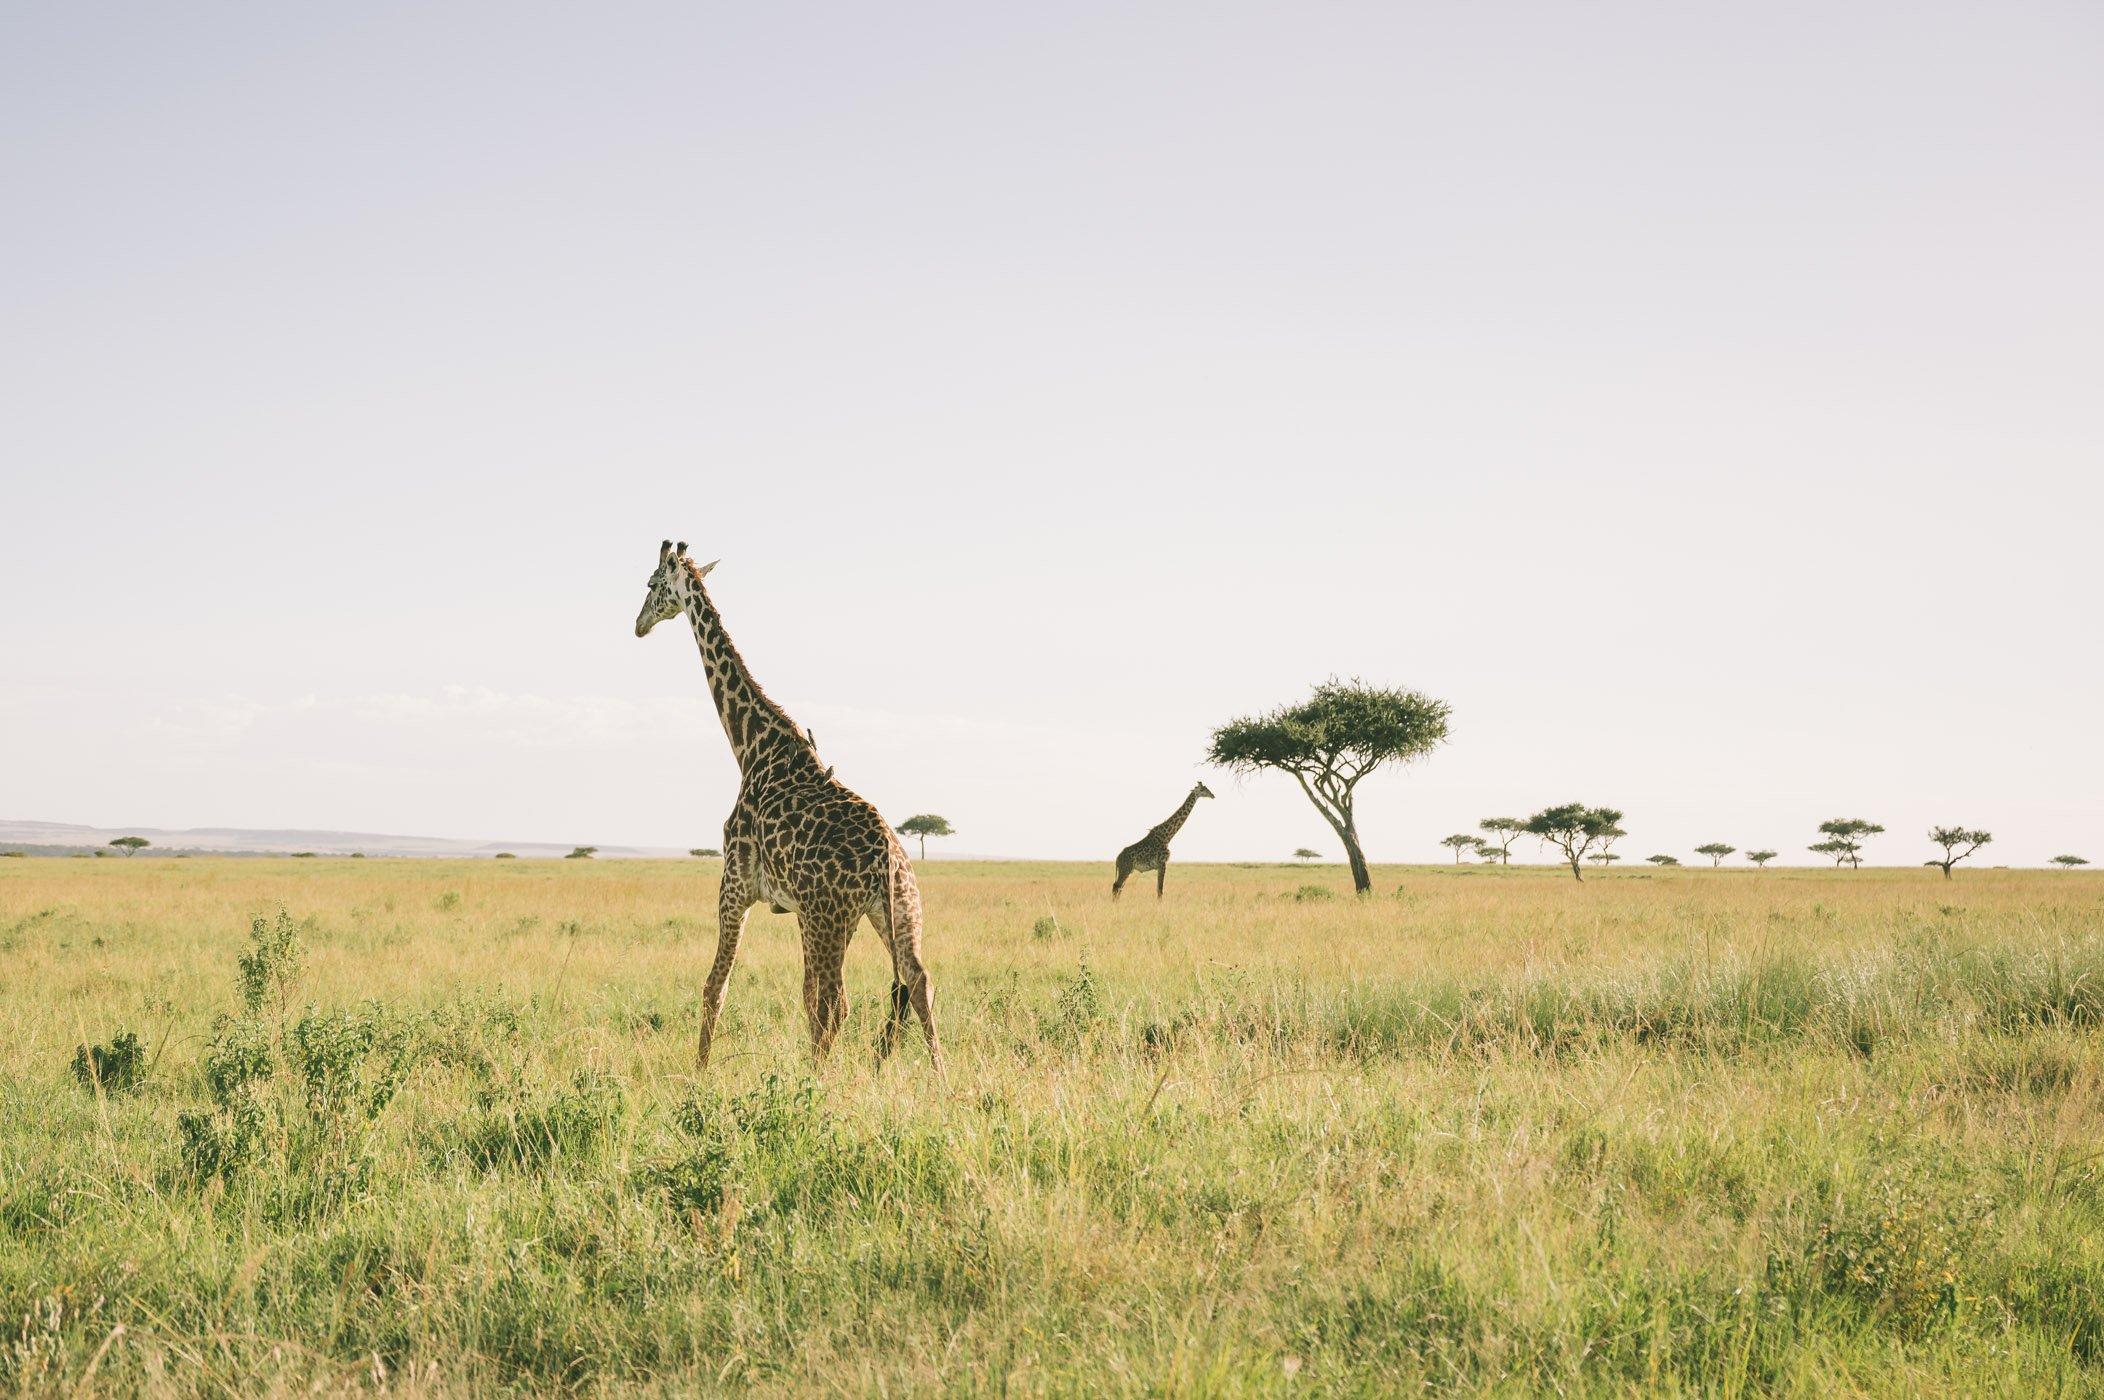 Giraffes in the Maasai Mara in Kenya